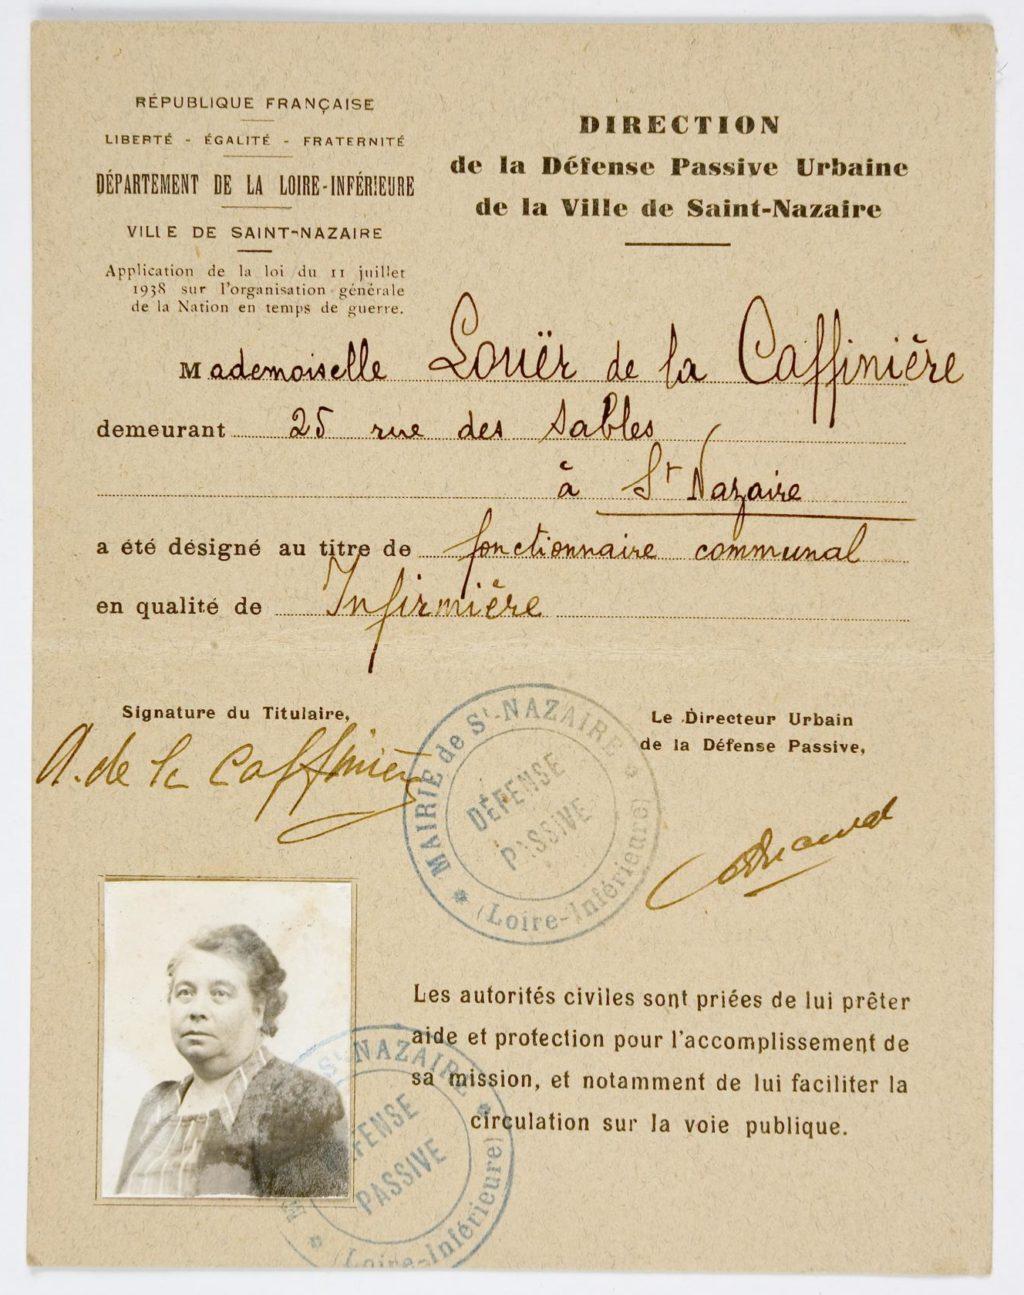 Photographie d'une carte de service de la défense passive qui renseigne l'identité de sa propriétaire, Mademoiselle Laouër de la Caffinière, infirmière communale avec sa photo d'identité.